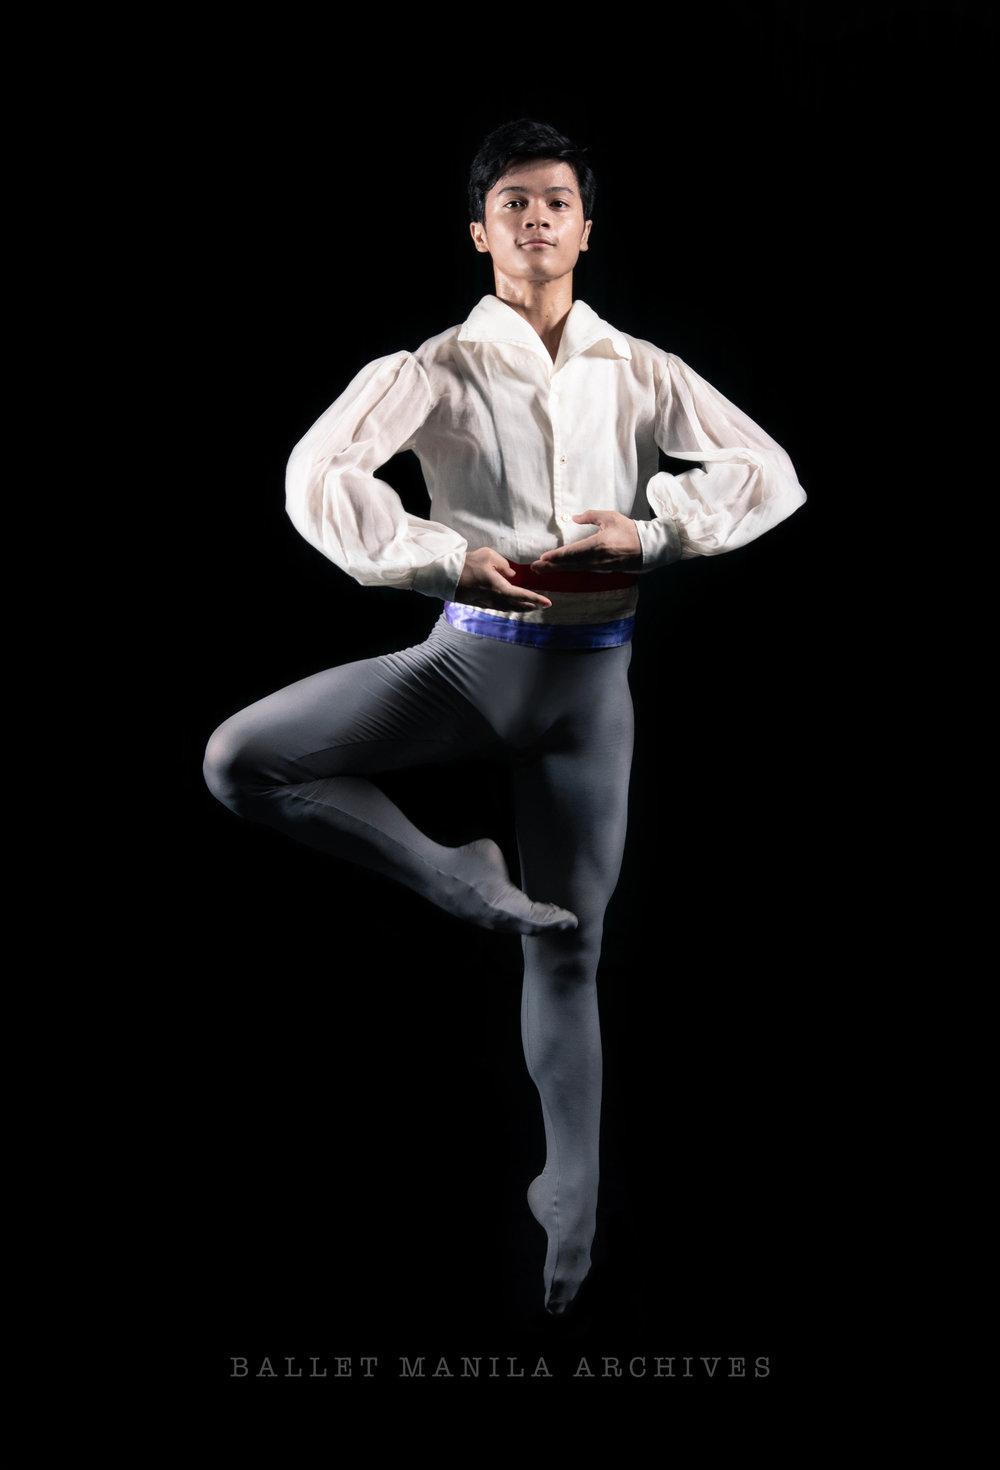 Ballet Dictionary: Tour en l'air (in Passé)  1 - Ballet Manila Archives